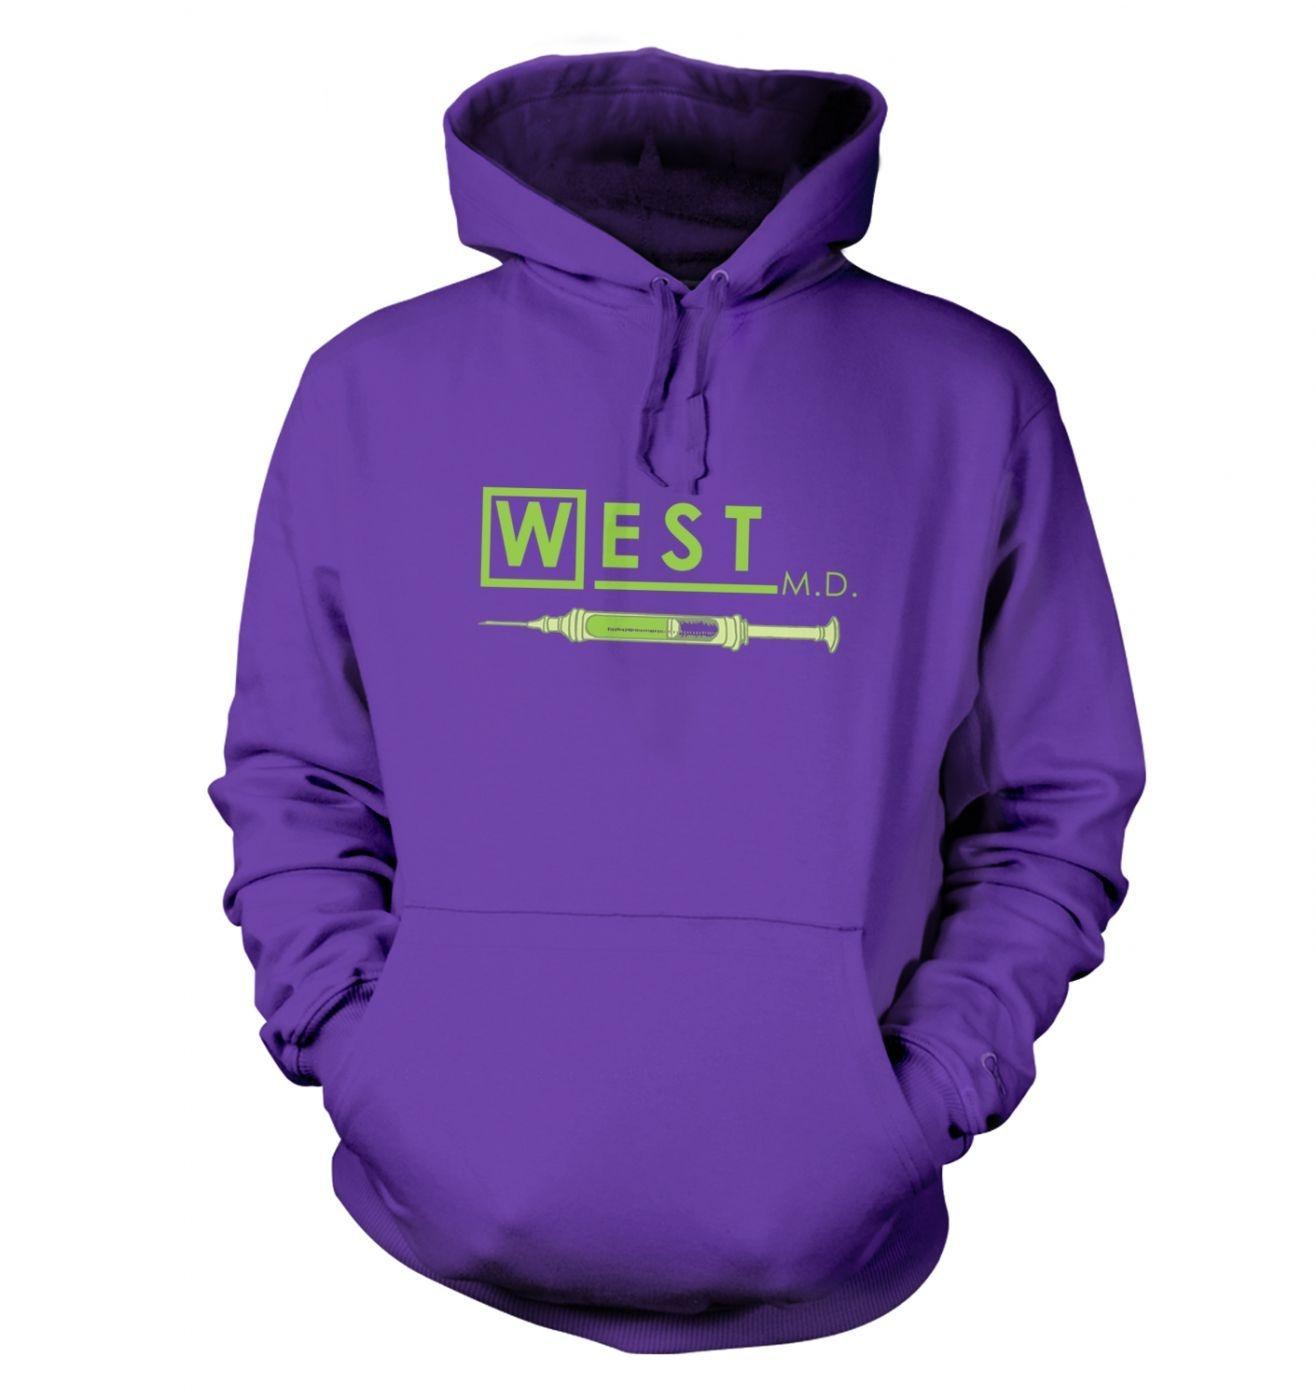 West MD HP Lovecraft hoodie - Somethinggeeky